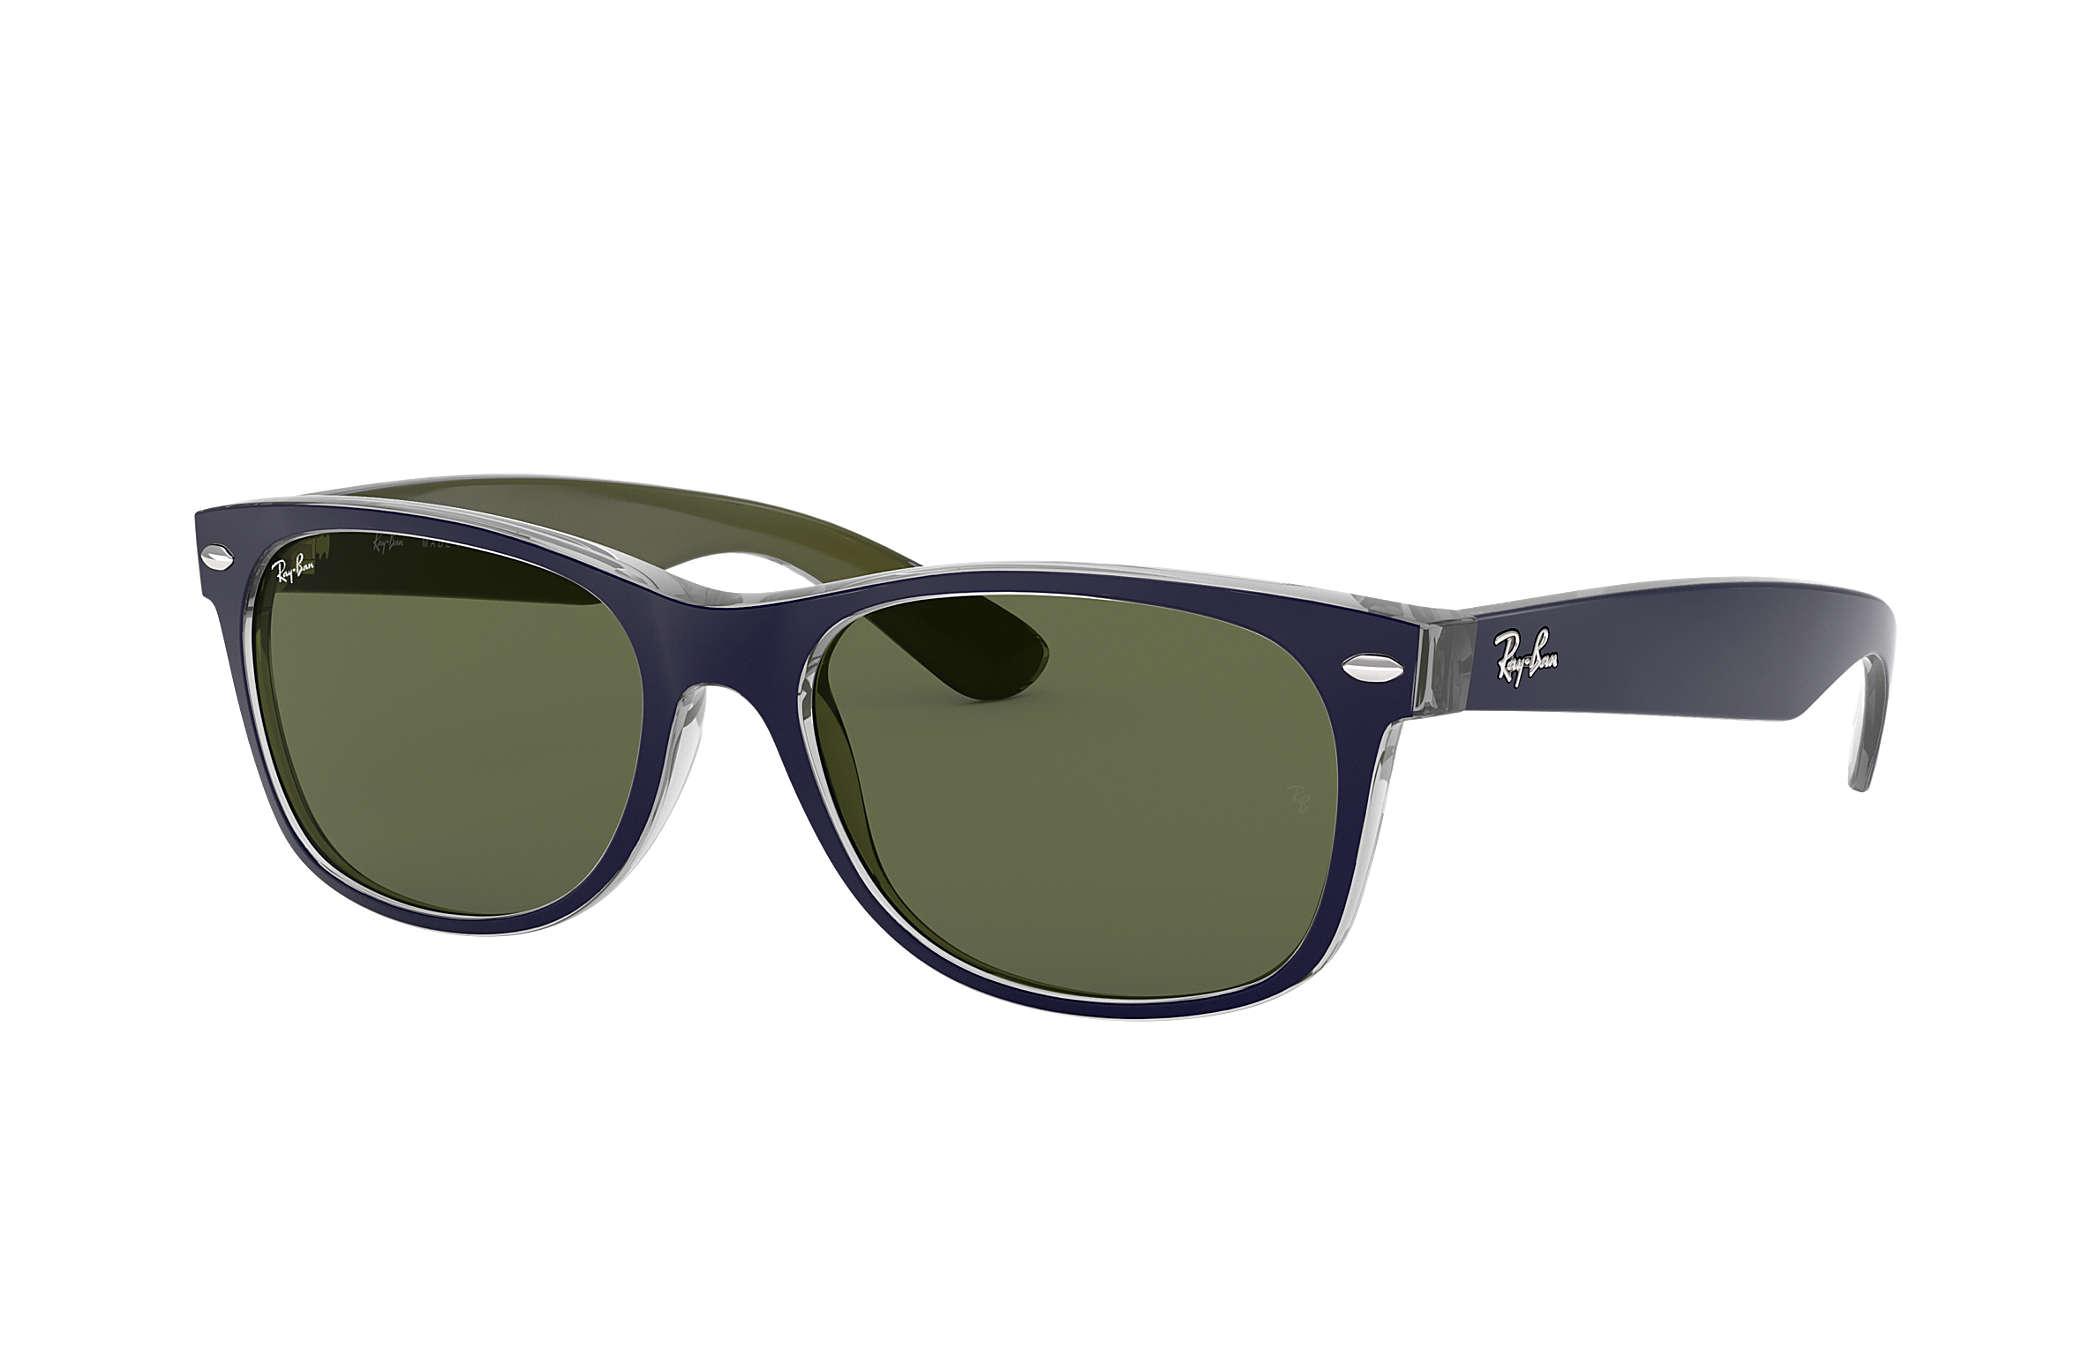 542c4a8dc Ray-Ban New Wayfarer Bicolor RB2132 Azul - Nylon - Lentes Verde ...